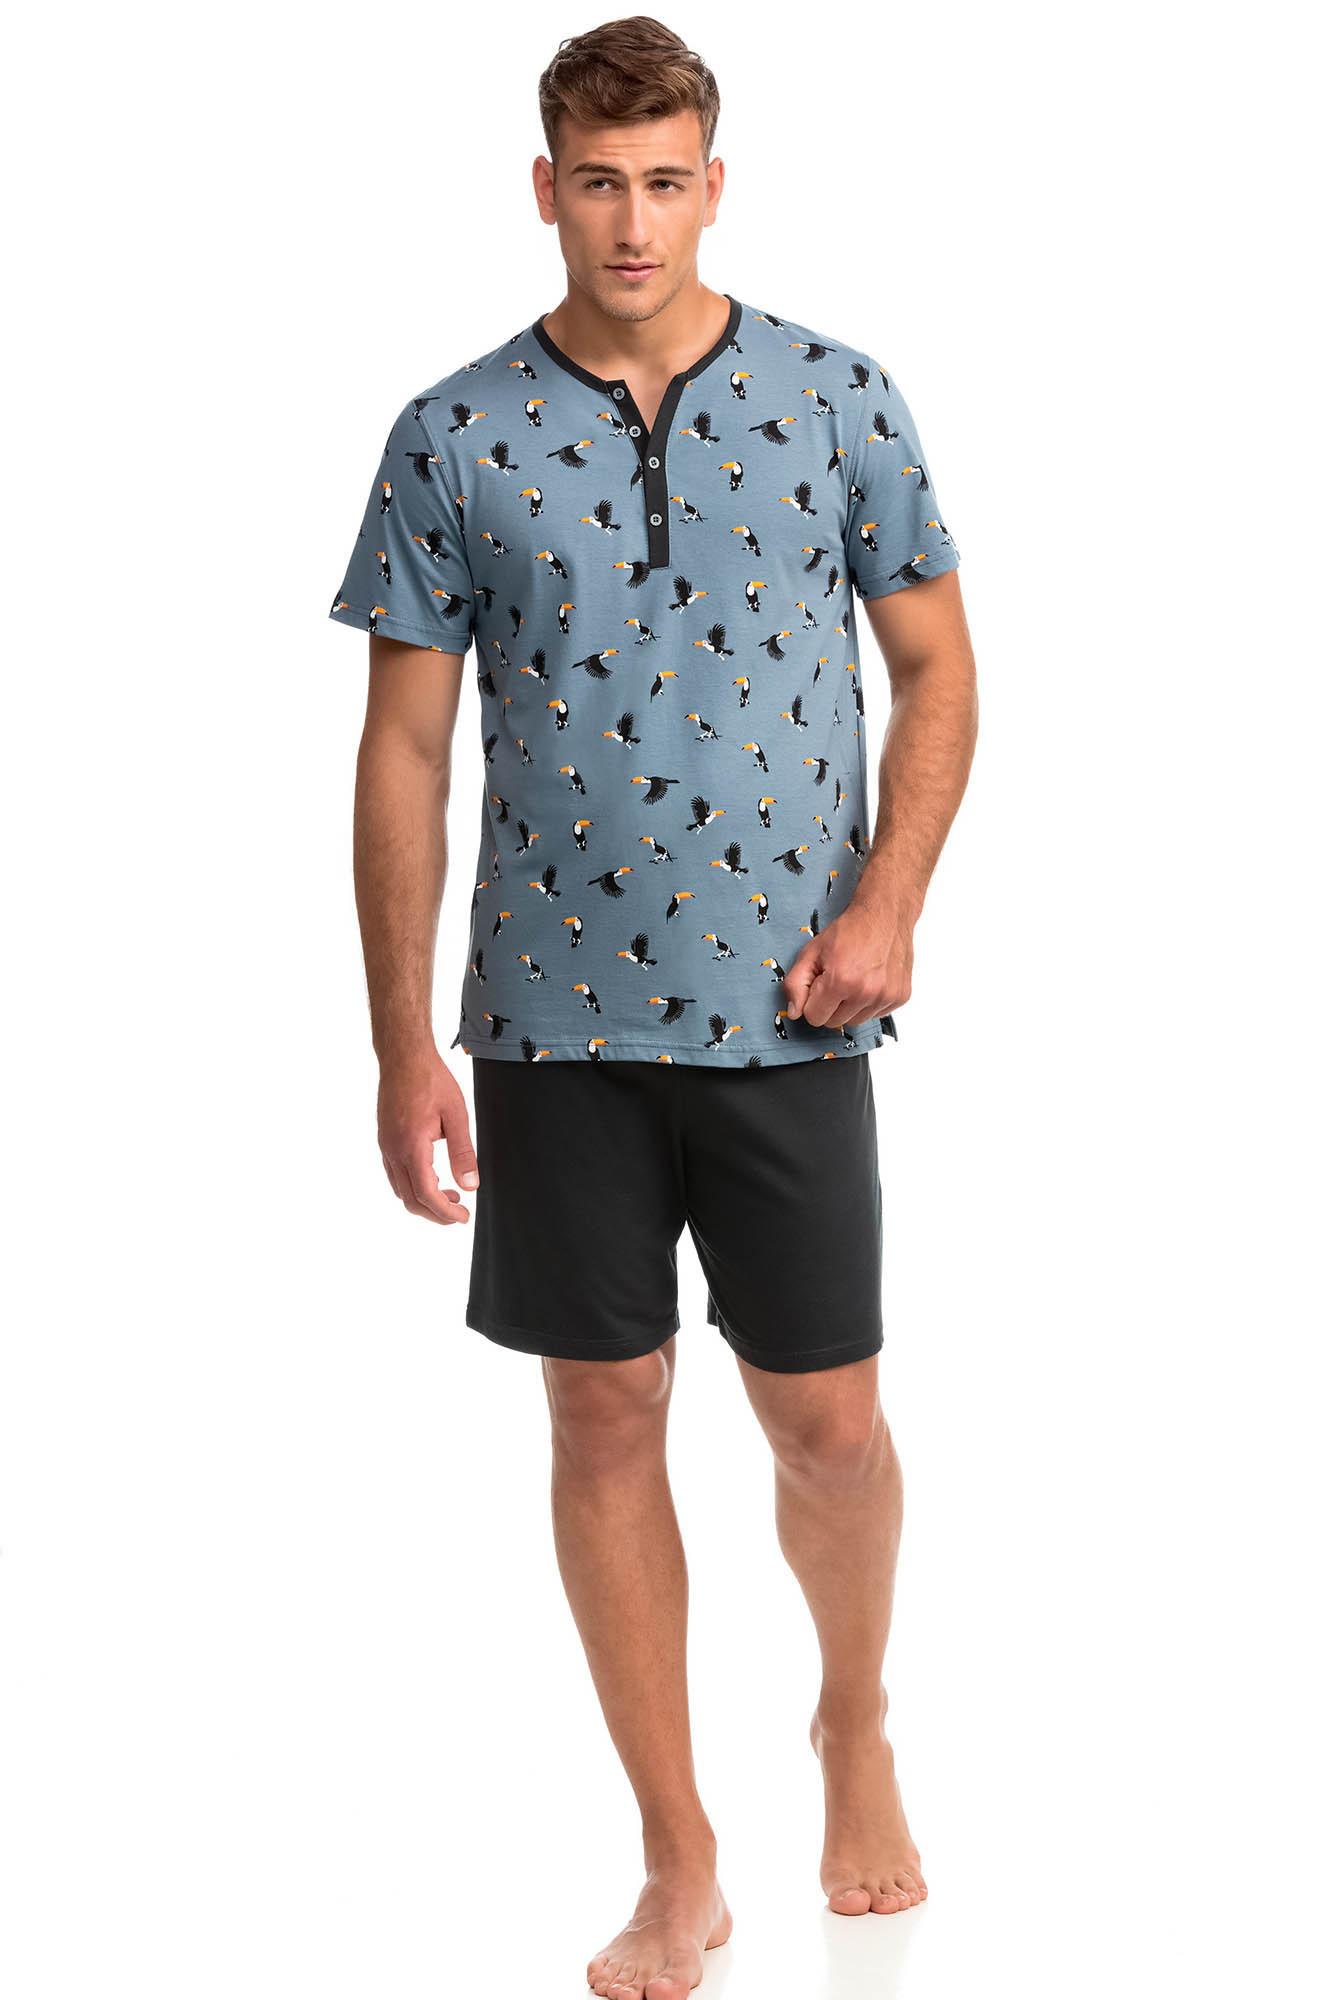 Vamp - Pohodlné dvojdielne pánske pyžamo 14731 - Vamp blue mirage xl